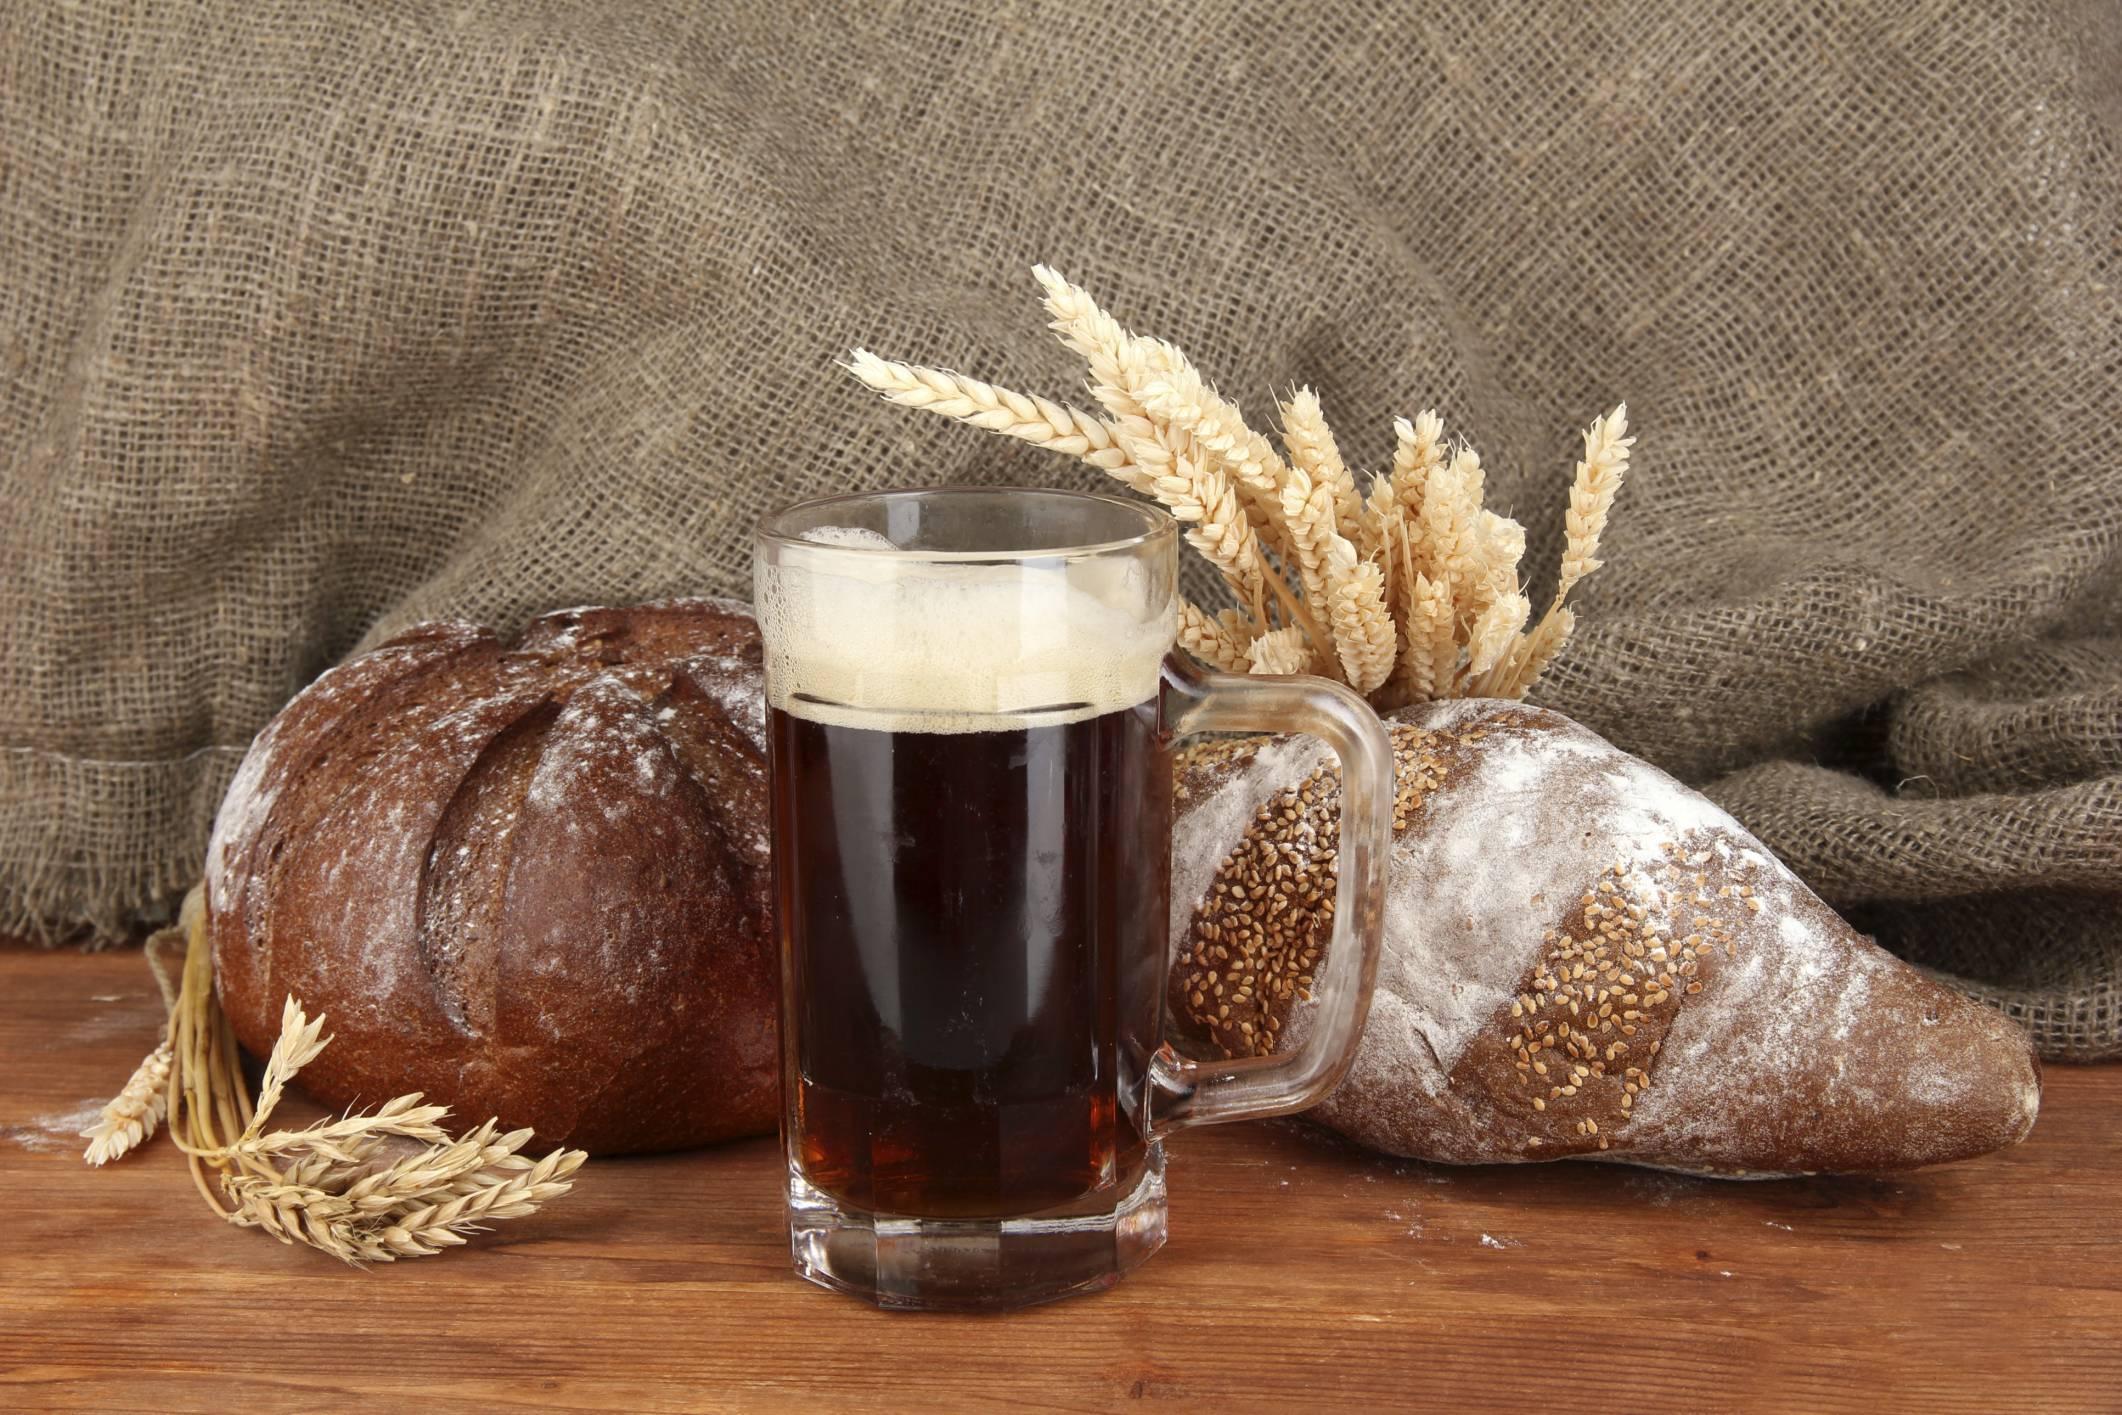 Квас домашний из ржаного хлеба. хлебный пудинг. пошаговый рецепт с фото — ботаничка.ru